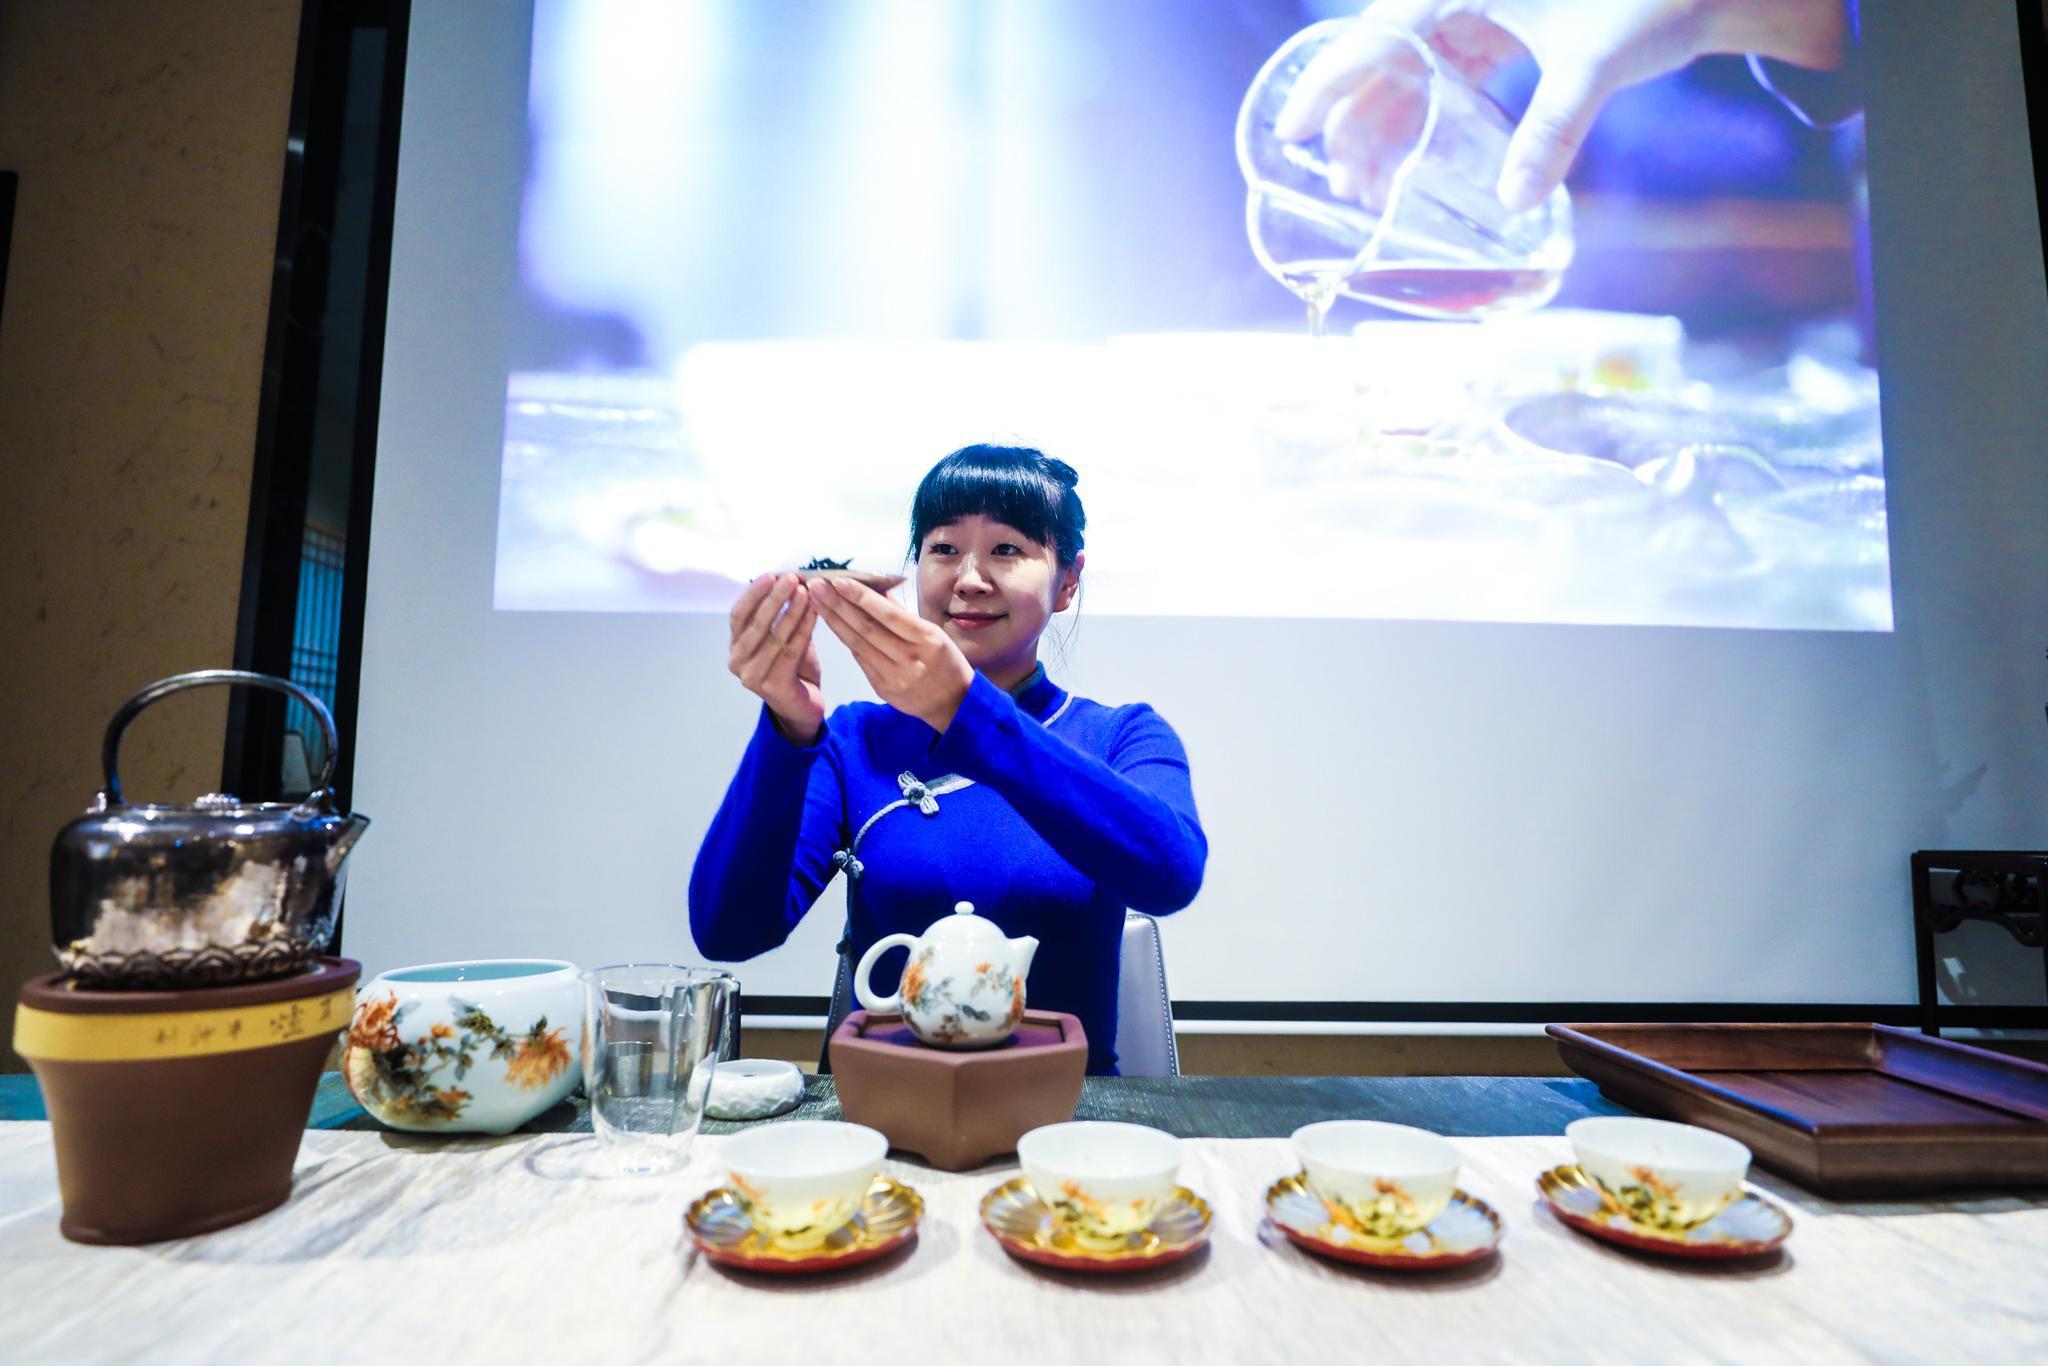 氤氲茶香中展示海派茶艺独特韵味,上海选手常静摘得首届全国职业技能大赛茶艺项目银牌